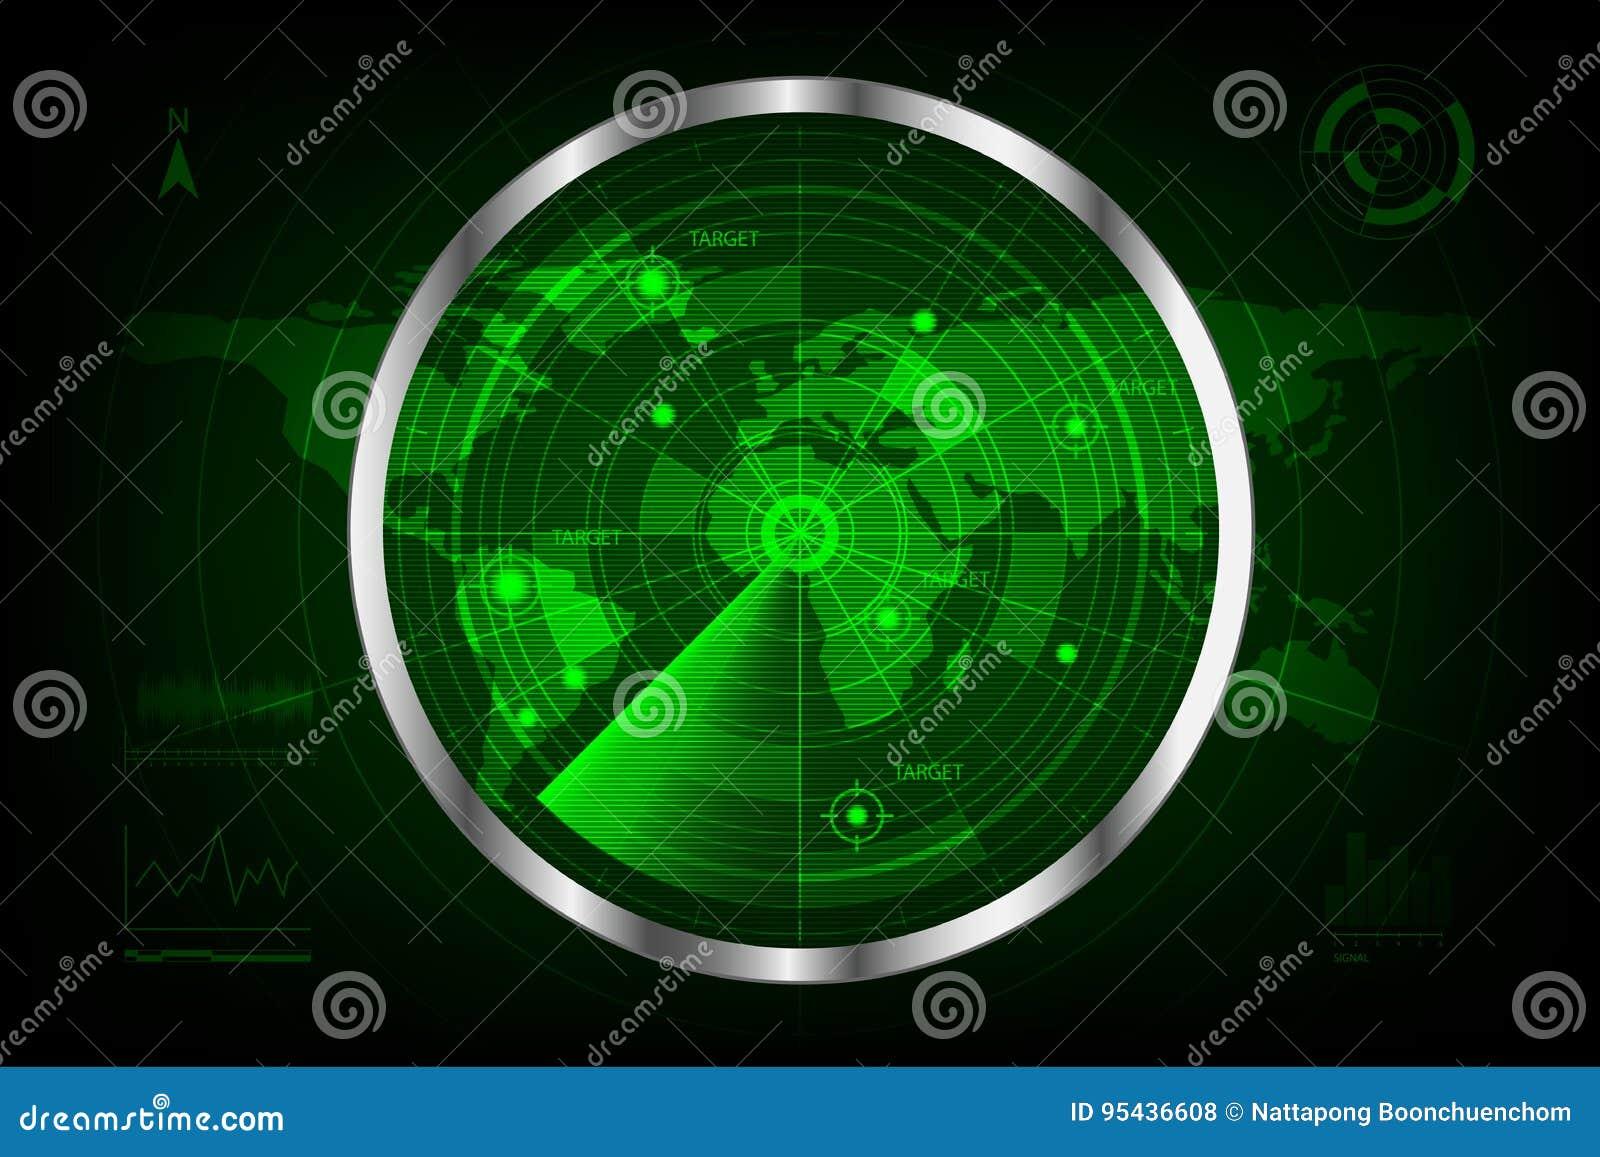 Ψηφιακό πράσινο ραντάρ με τους στόχους και τον παγκόσμιο χάρτη